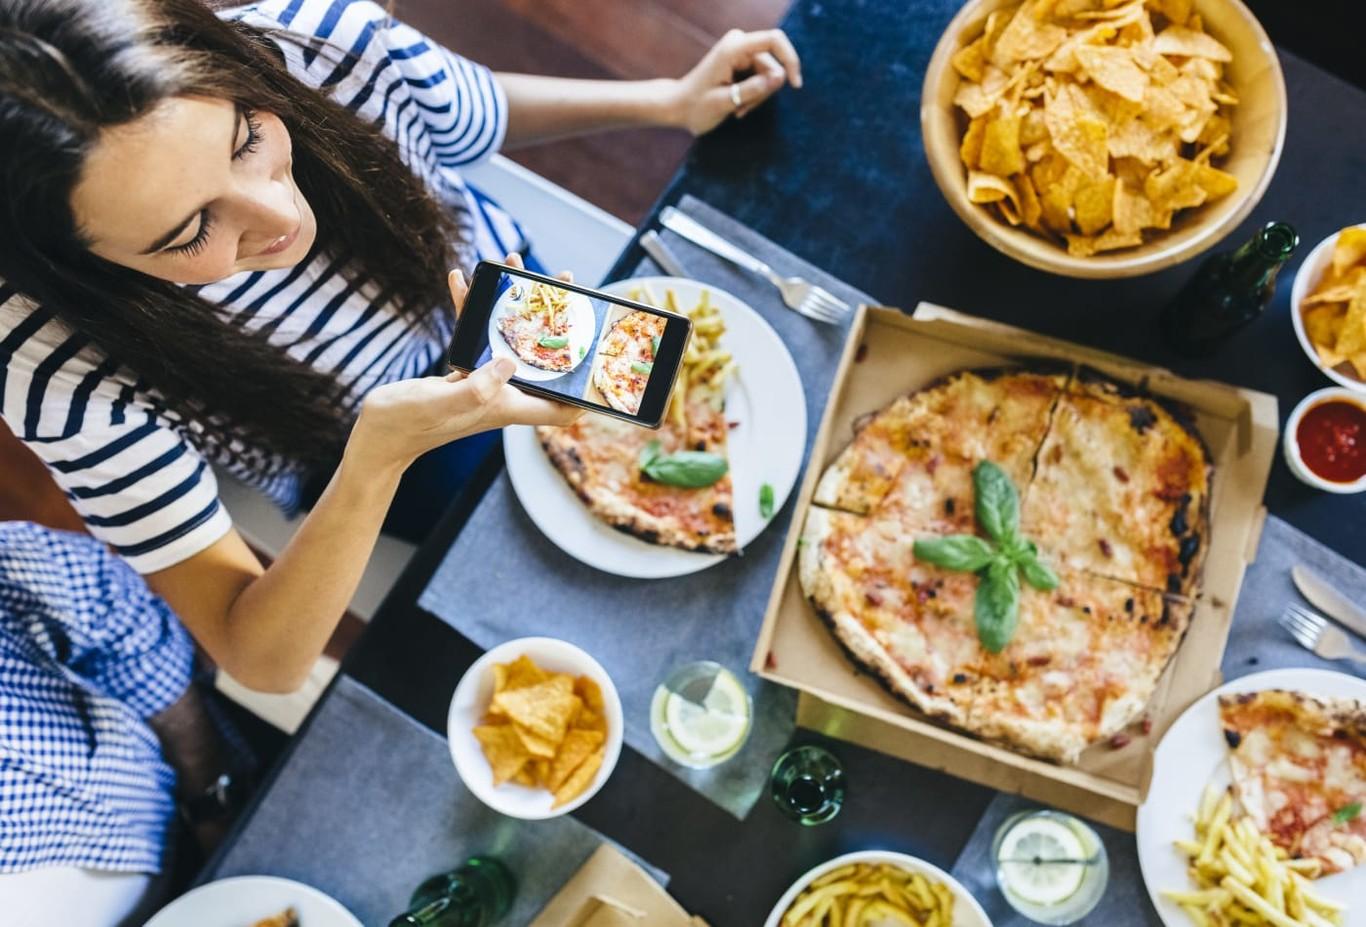 desarrollo-web-tienda-online-comida-domicilio-bar-restaurante-madrid-sevilla-barcelona-getafe-murcia-alicante-alcobendas-mostoles